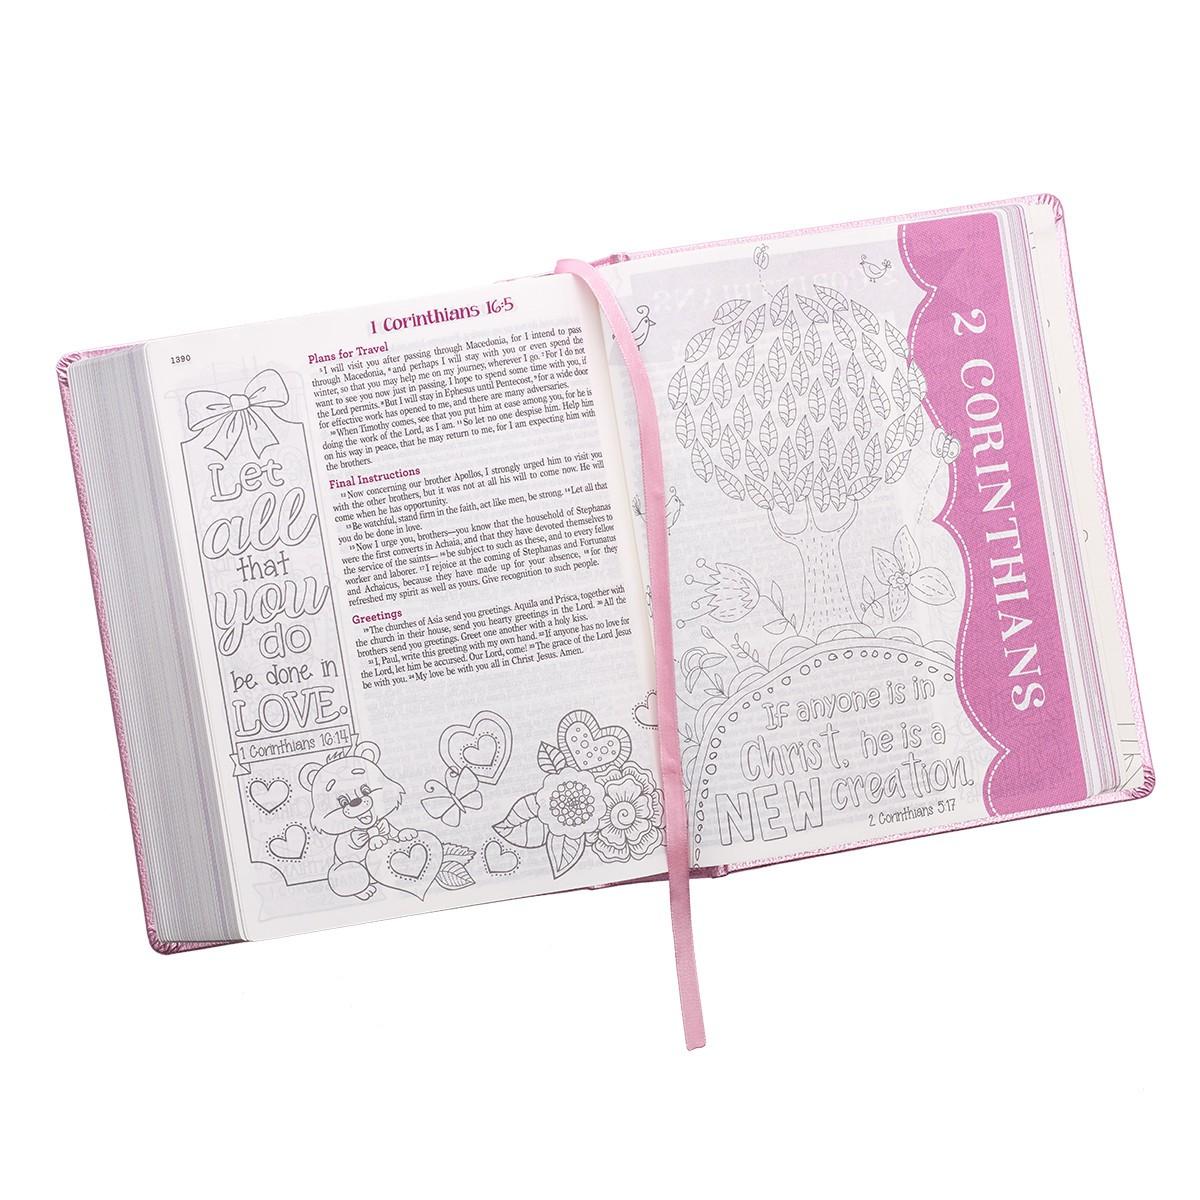 MY CREATIVE BIBLE FOR GIRLS ESV JOURNALING PINK LUXLEATHER - AYAT O